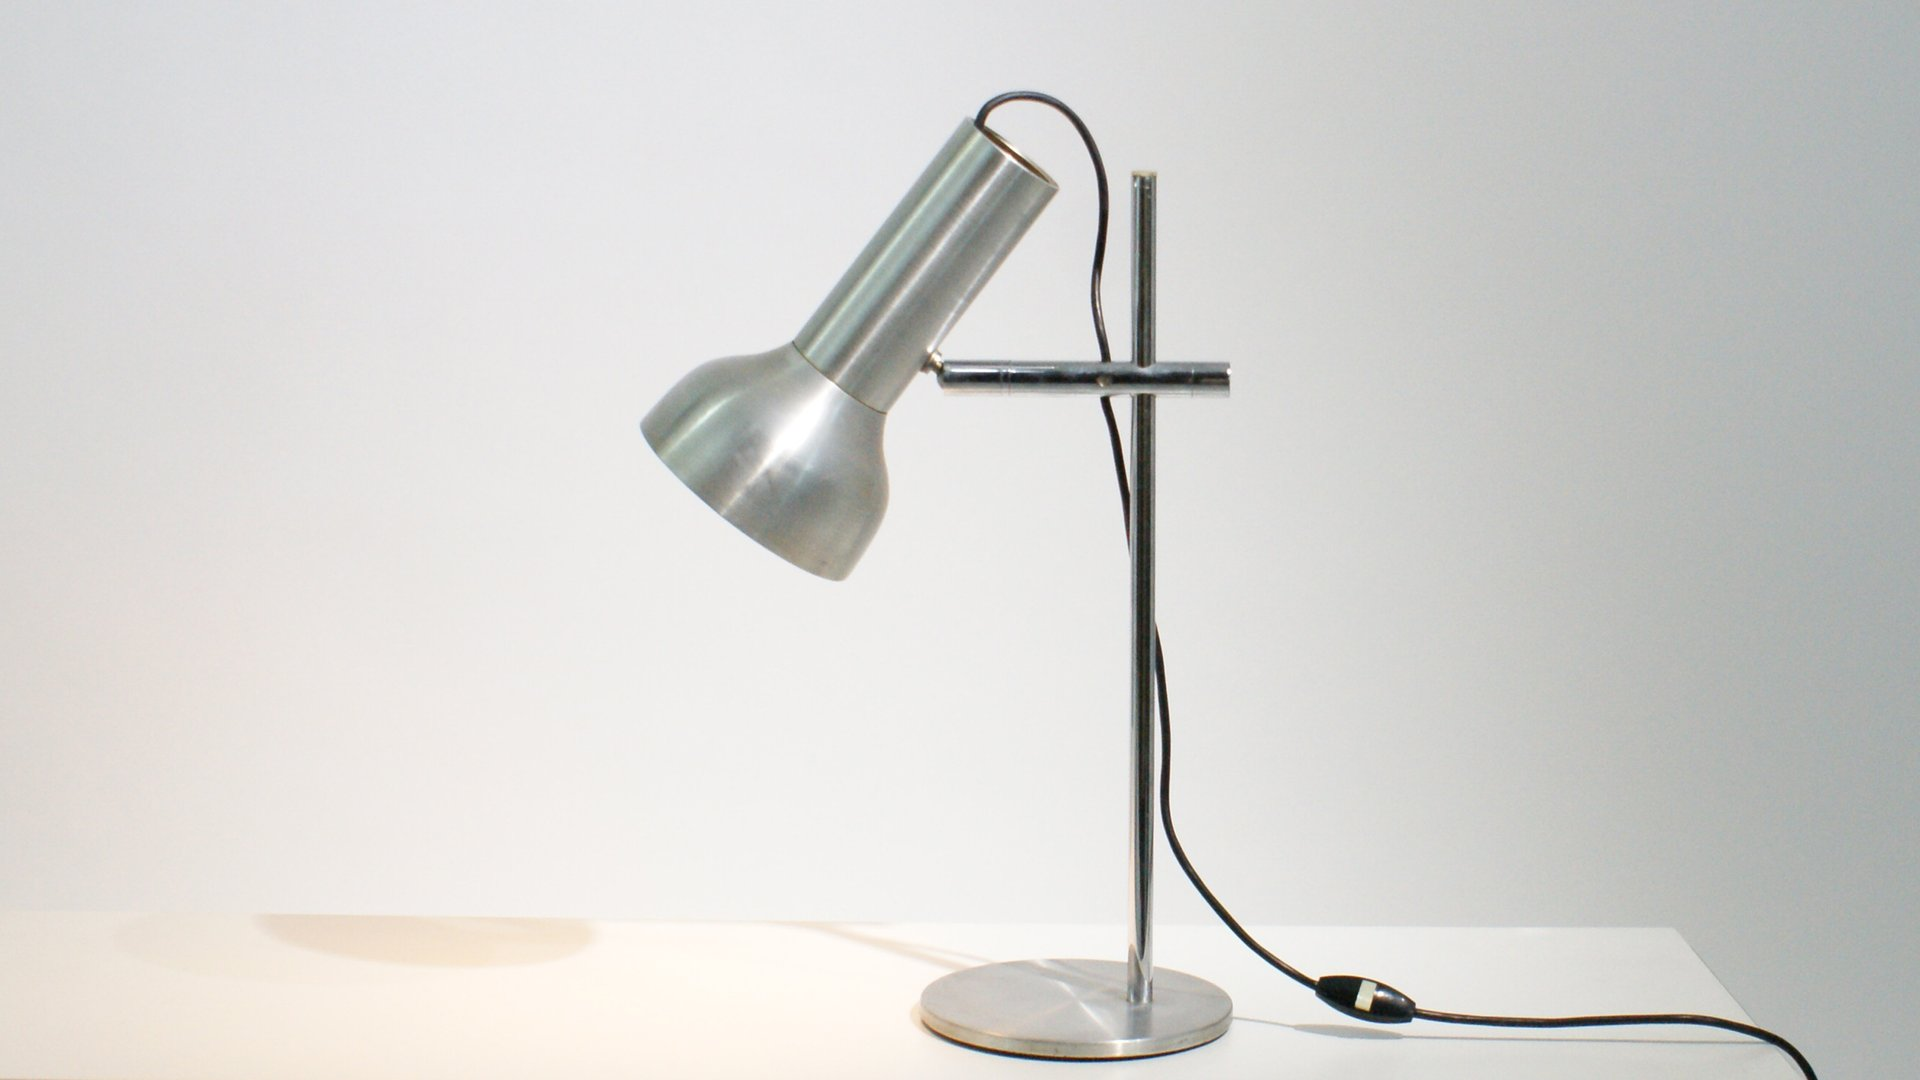 Industrielle Verstellbare Schreibtischlampe aus Gepressten Aluminium, ...